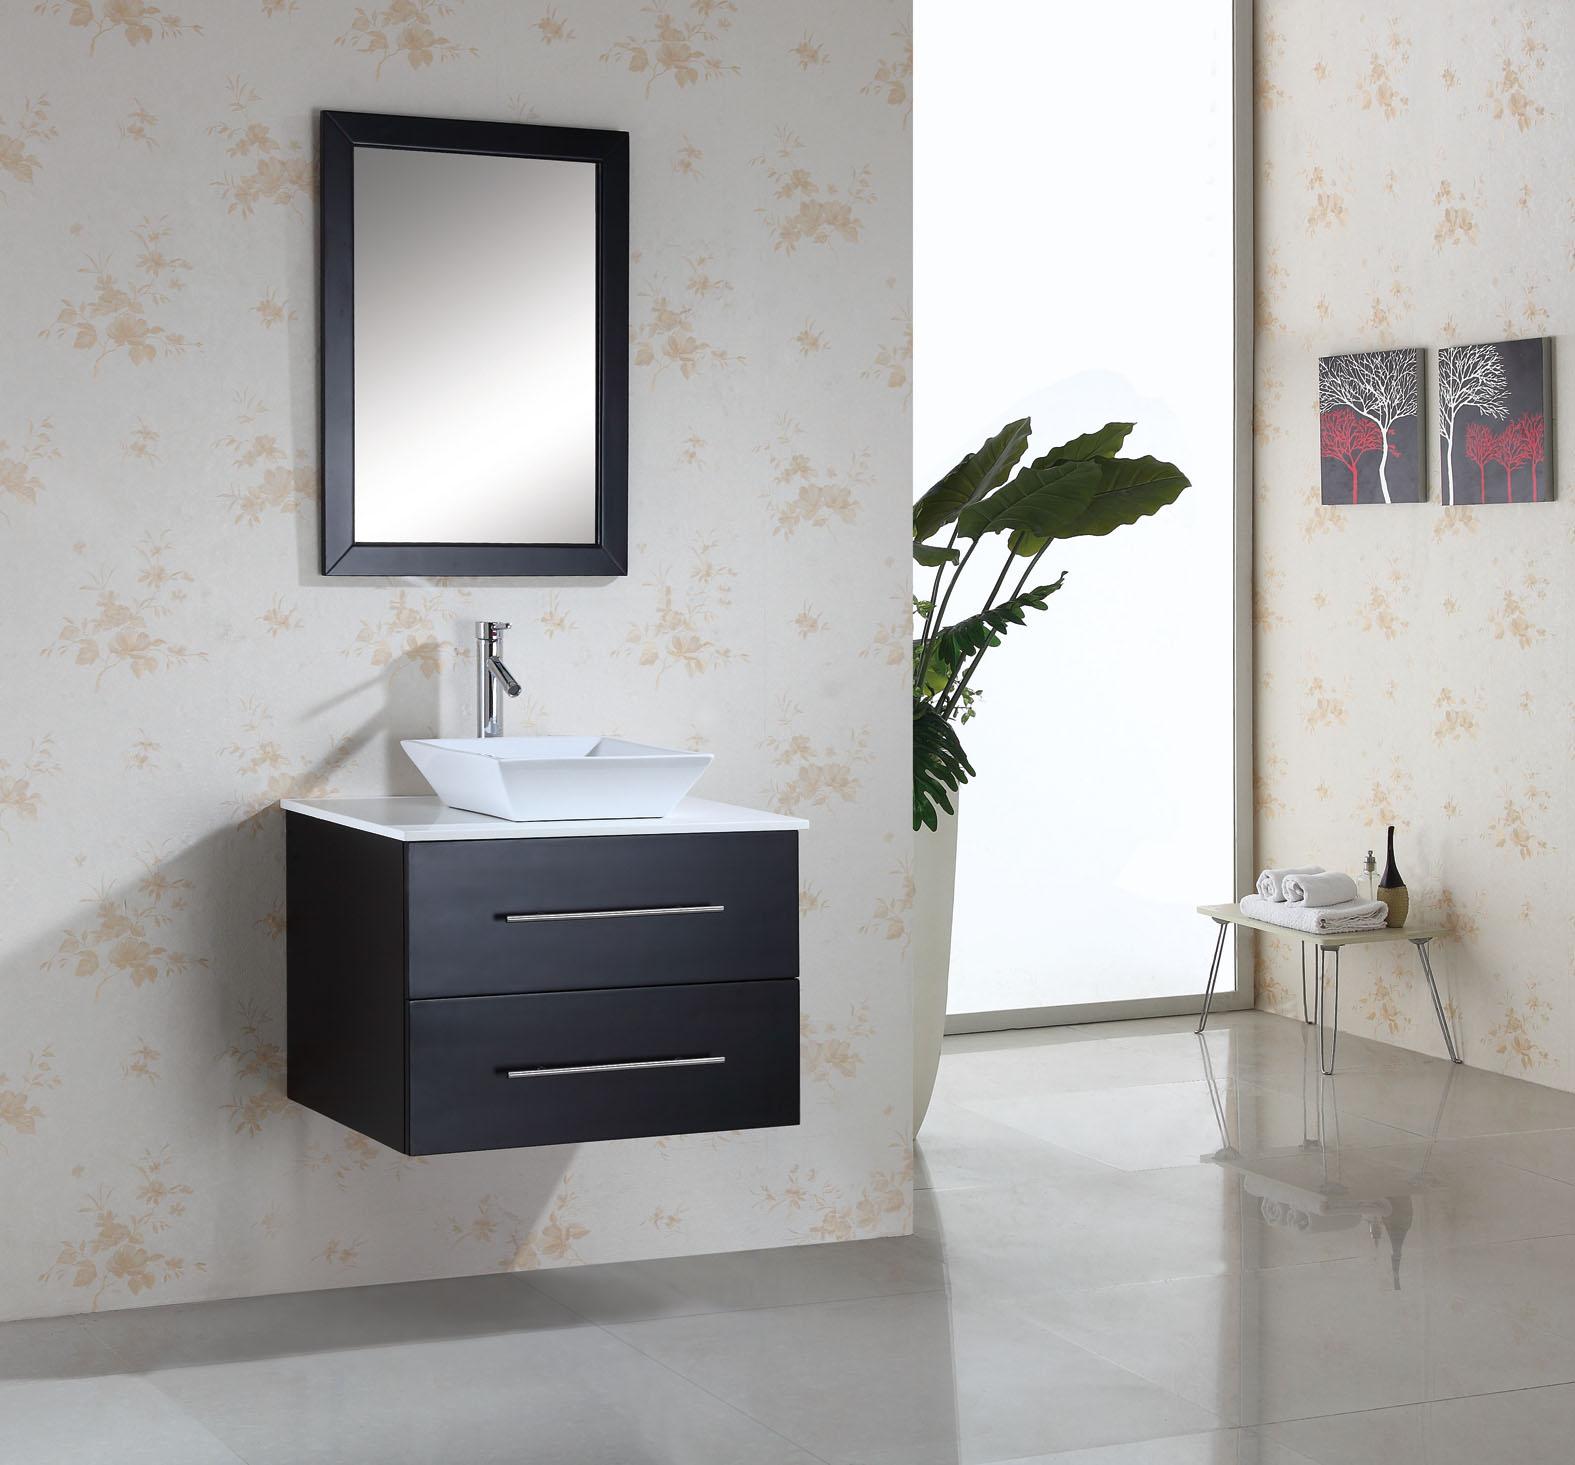 wall mounted single sink bathroom vanities on sale - Wall Mount Bathroom Vanity